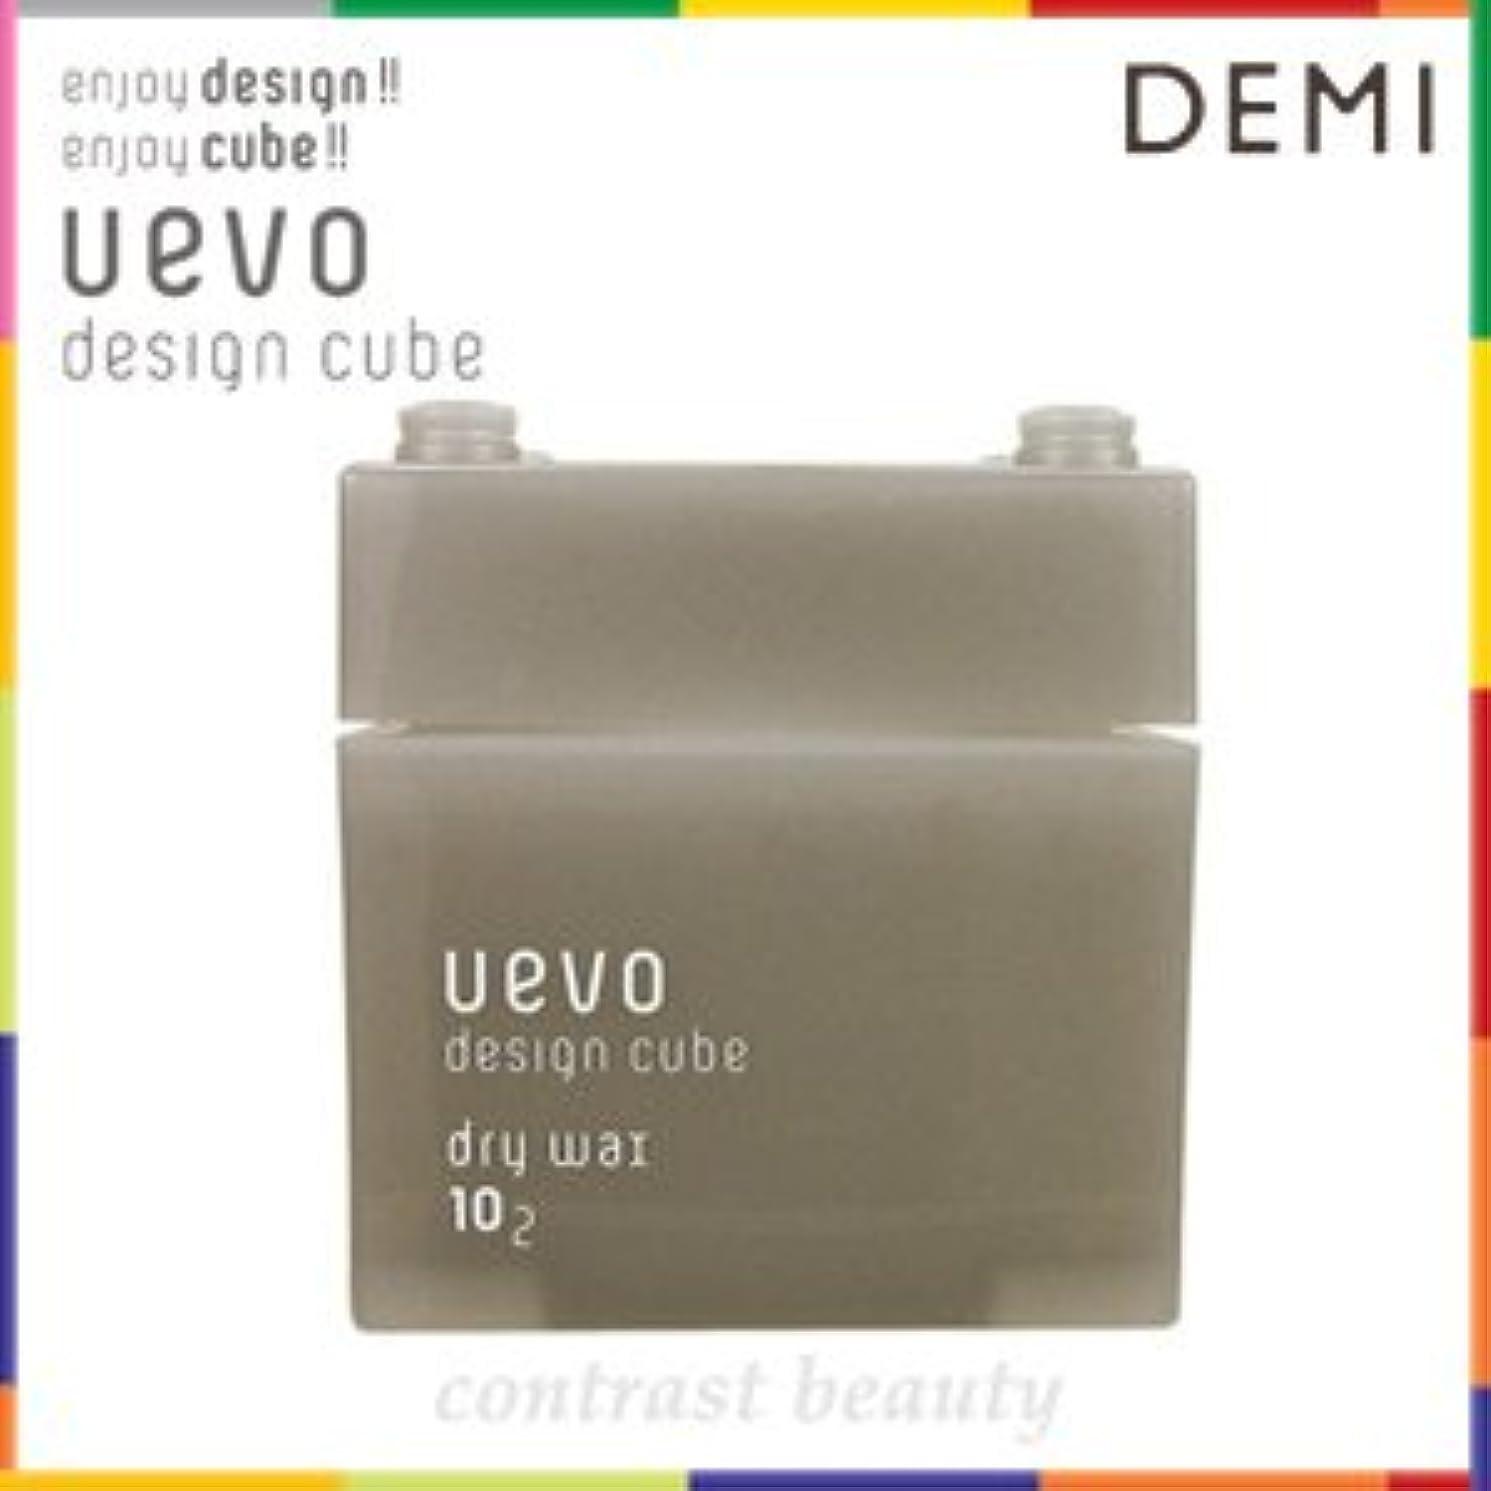 改修する貯水池海藻【X4個セット】 デミ ウェーボ デザインキューブ ドライワックス 80g dry wax DEMI uevo design cube